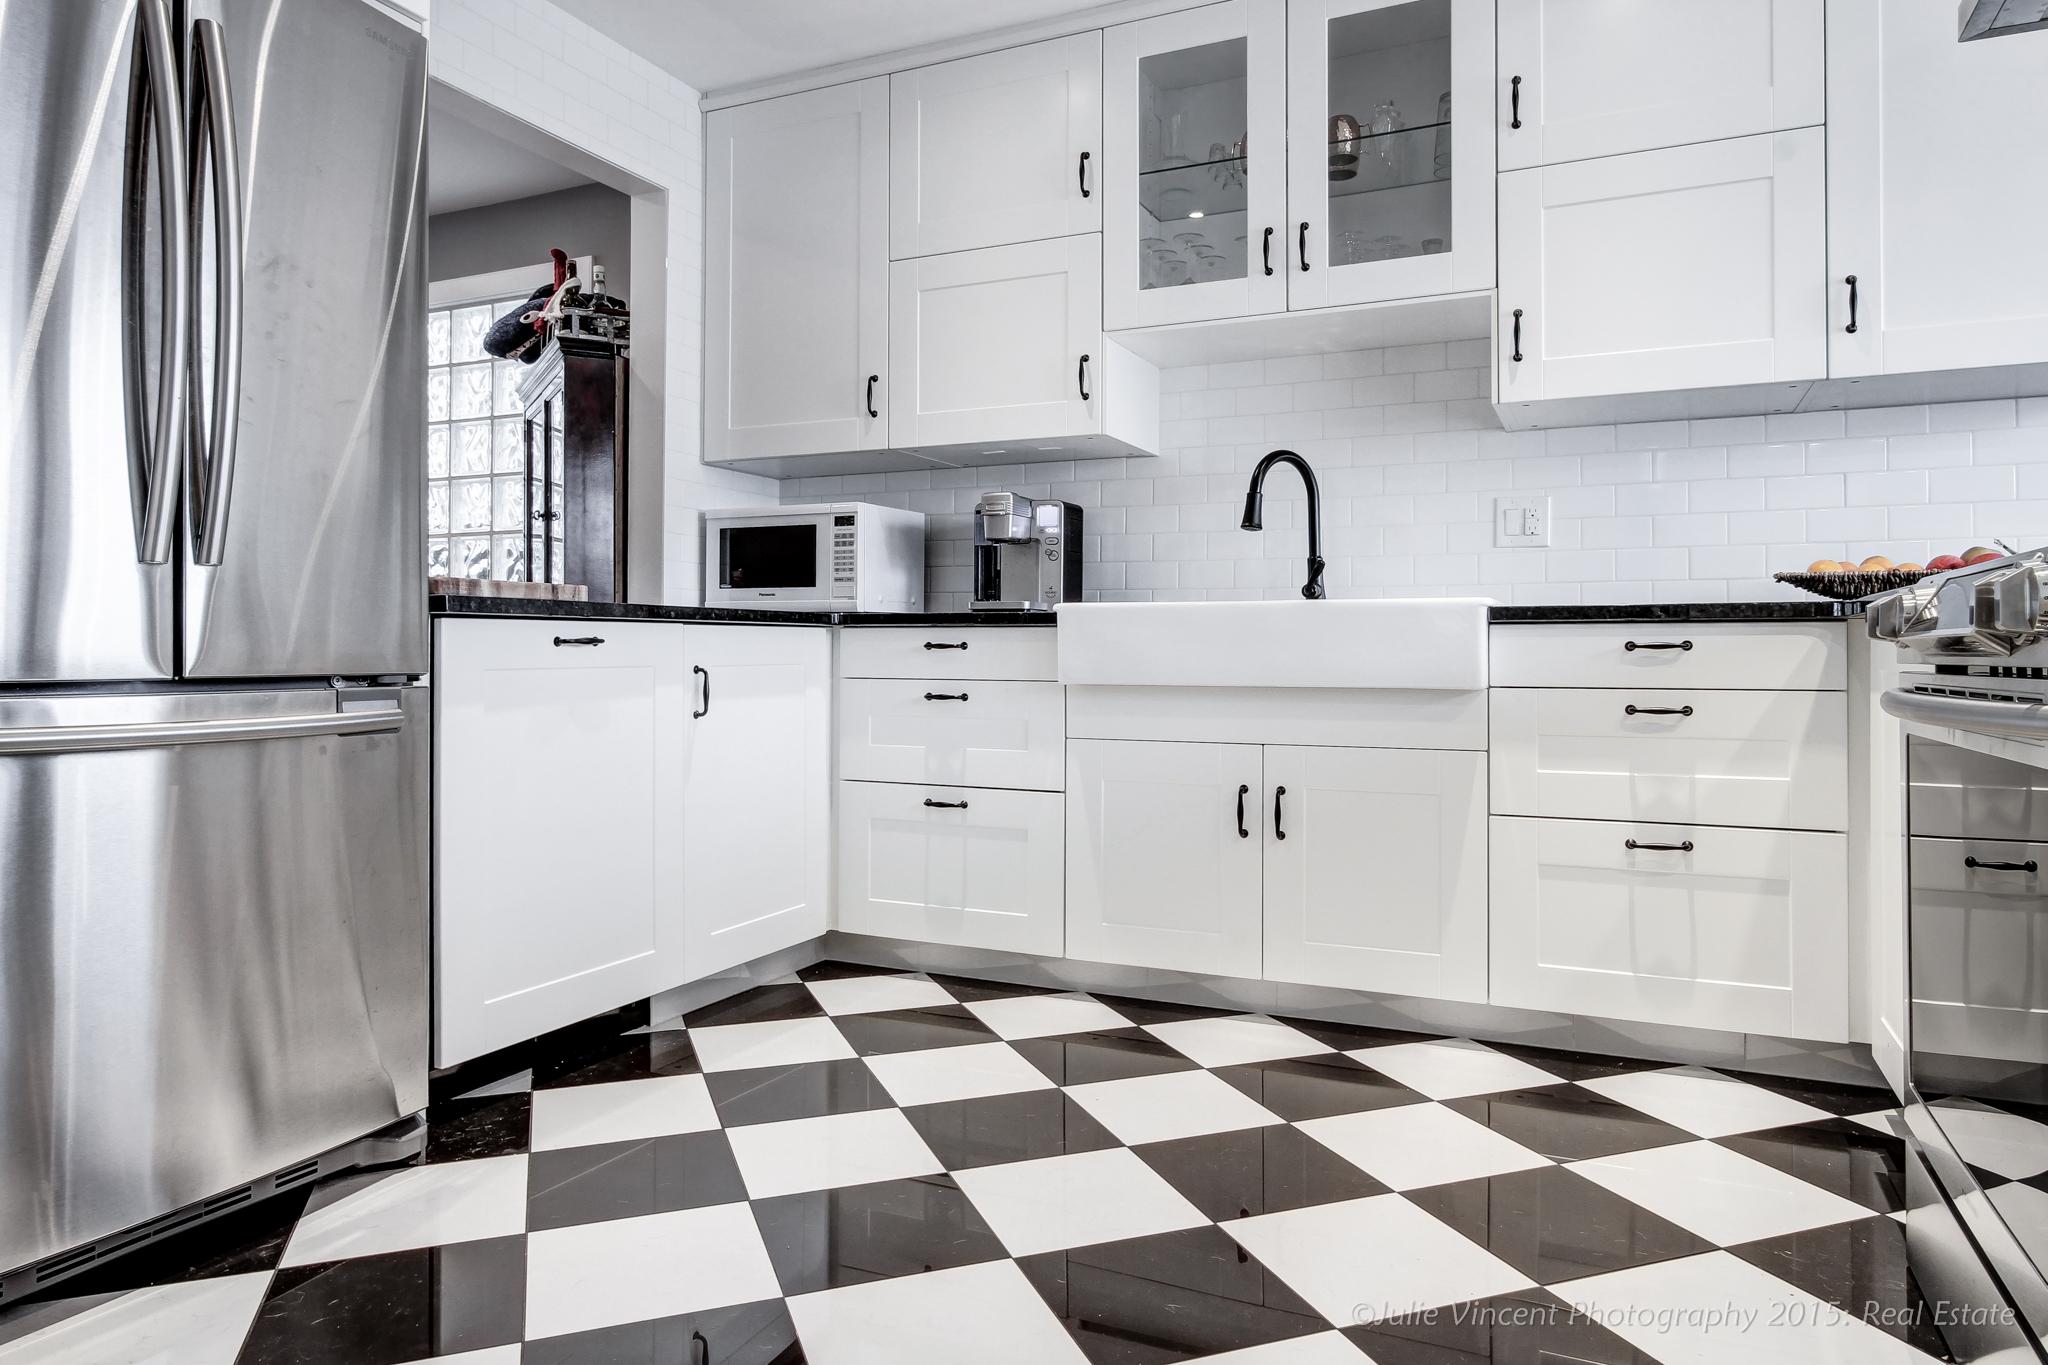 2020 26A Street SW, Kitchen-3.jpg